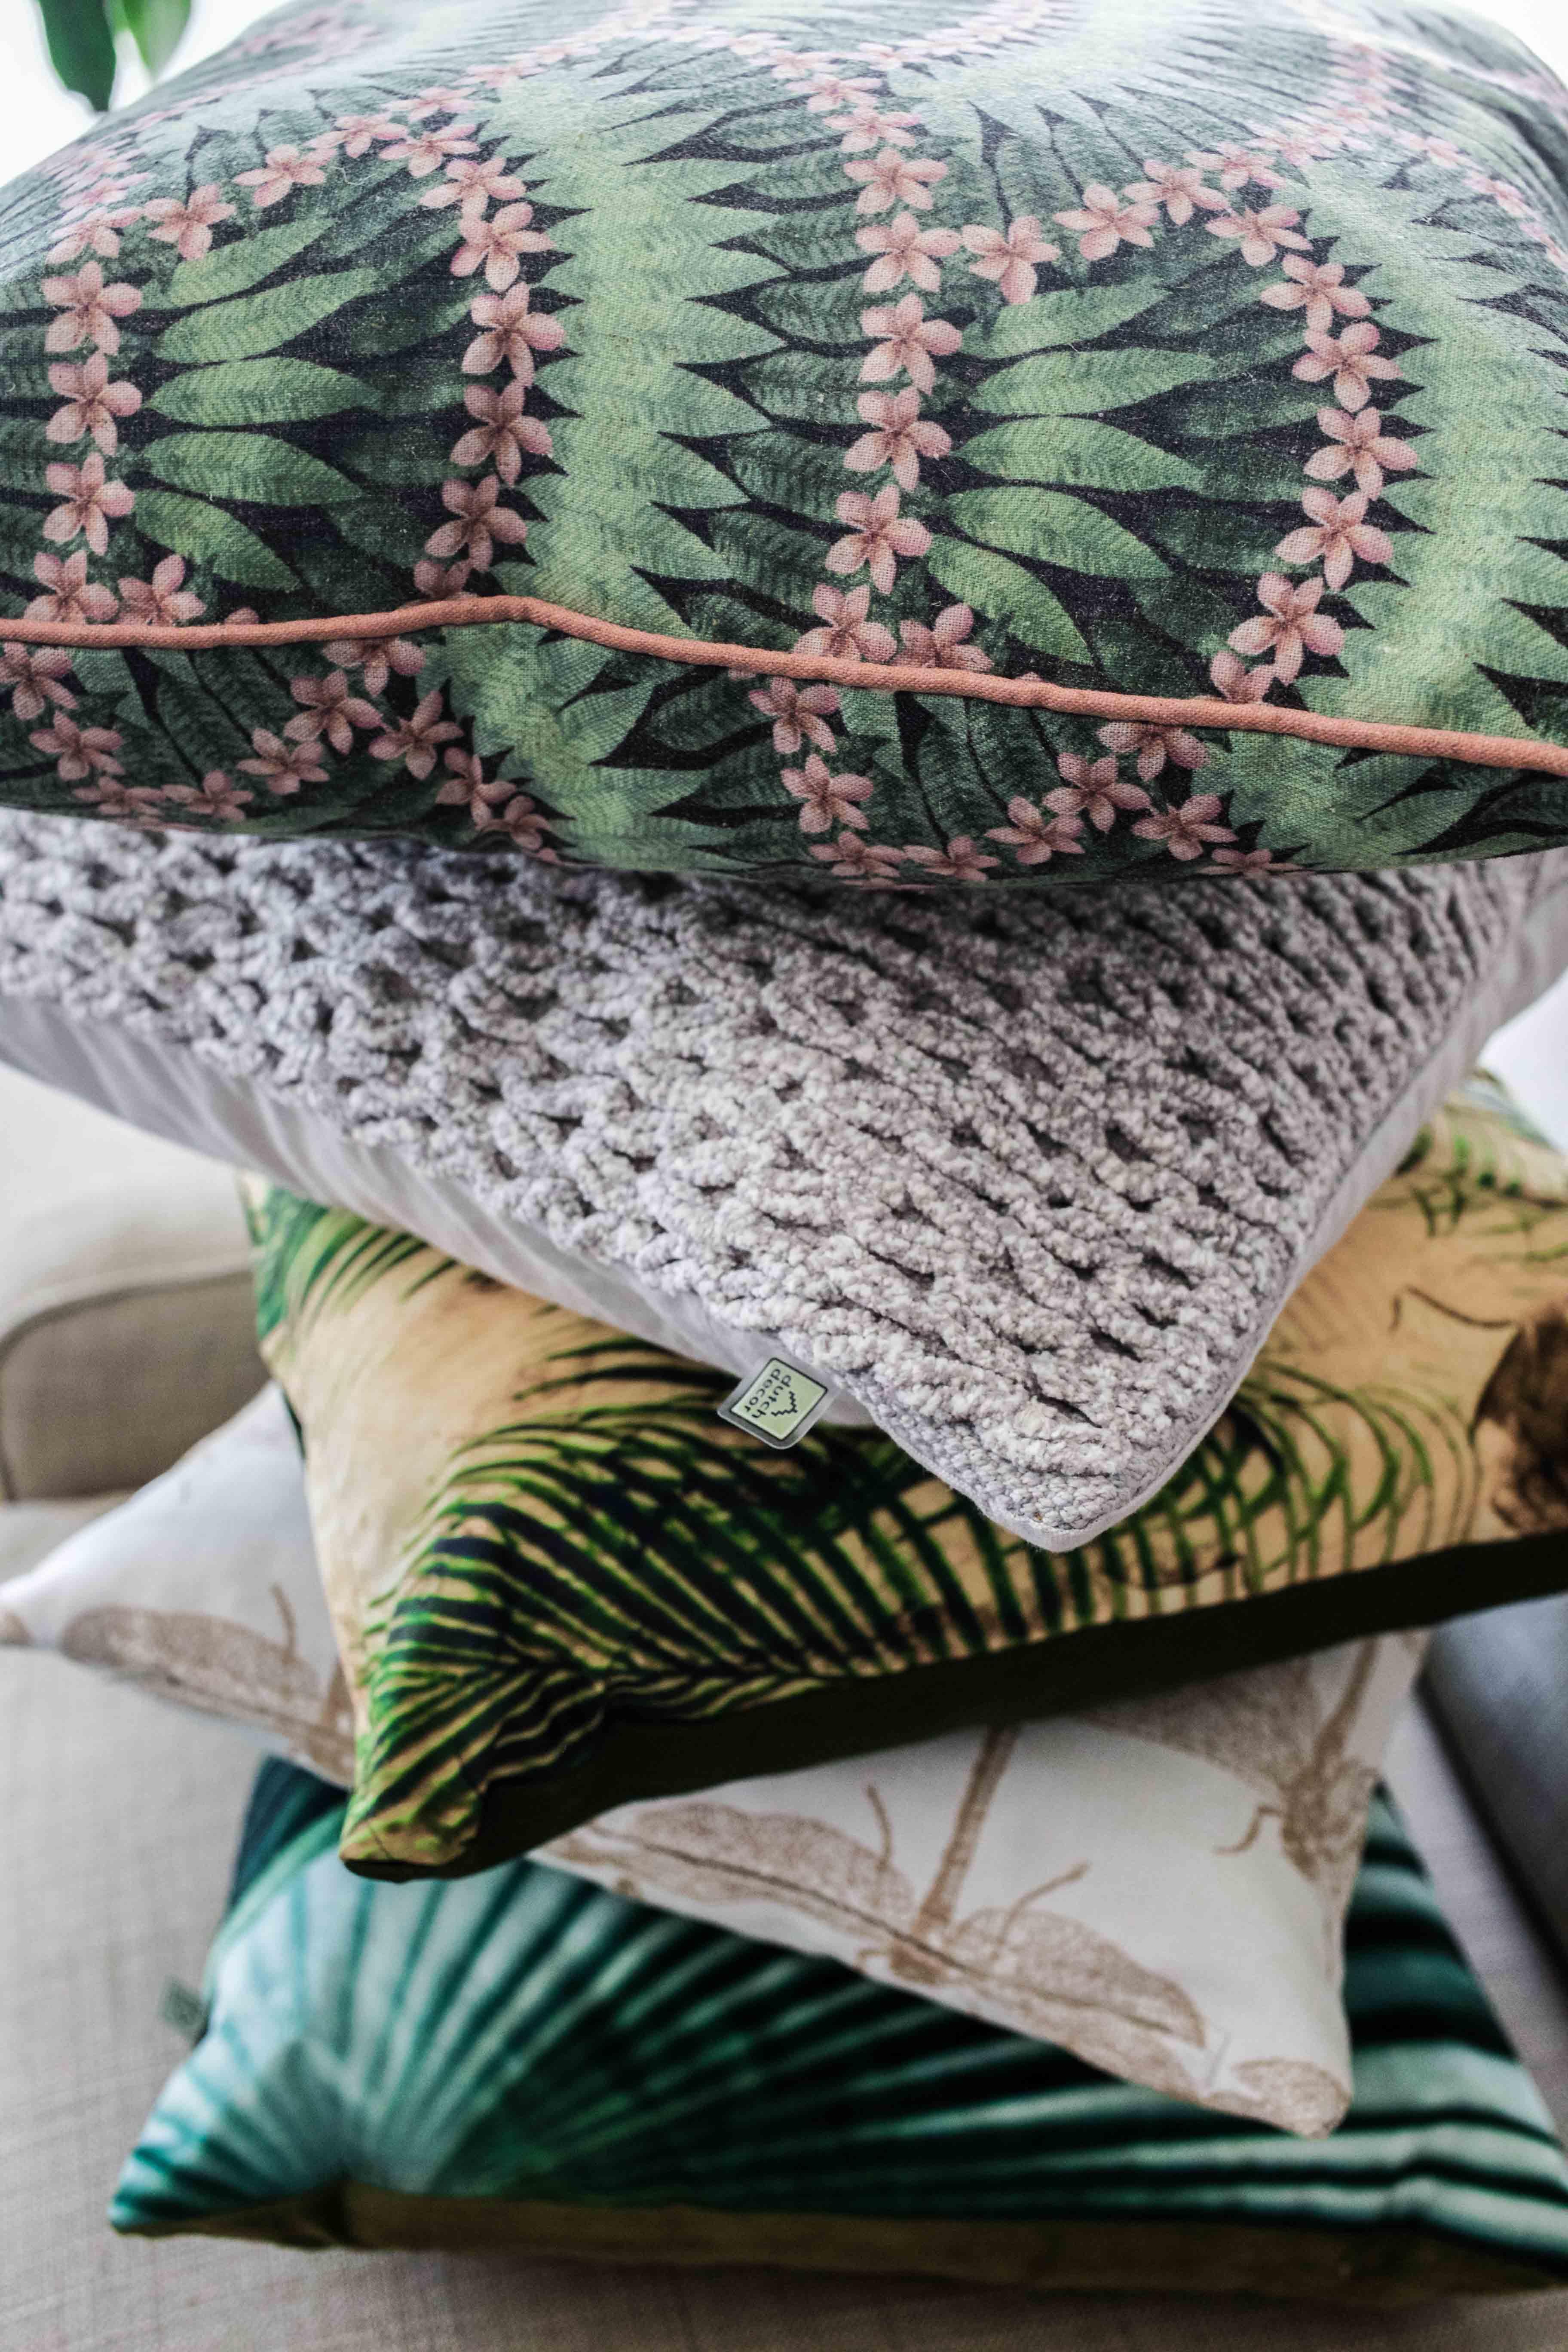 sofa-kissen-jungle-look-interior-inspiration-möbel-einrichtung_8300